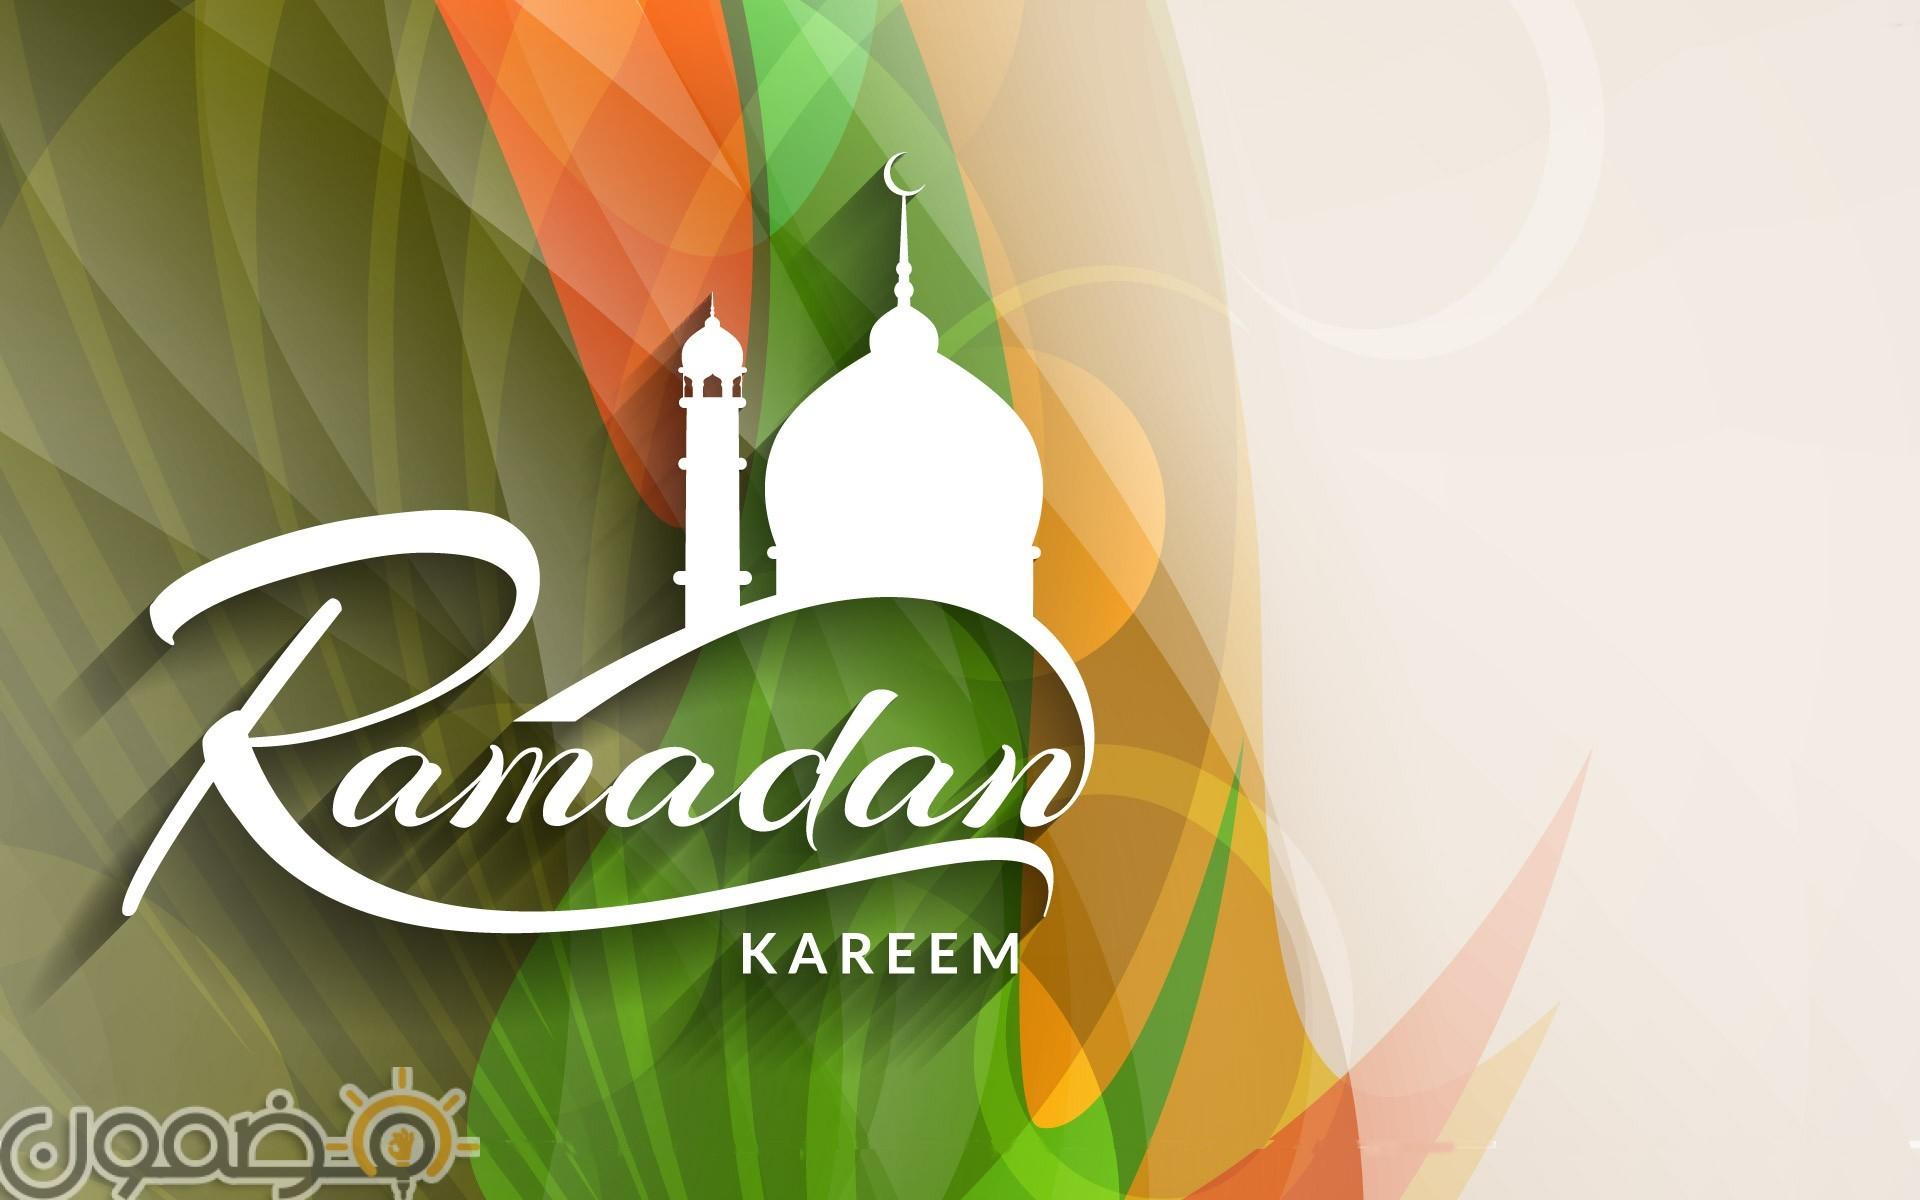 خلفيات رمضان بنات 7 خلفيات رمضان بنات للفيس وتويتر